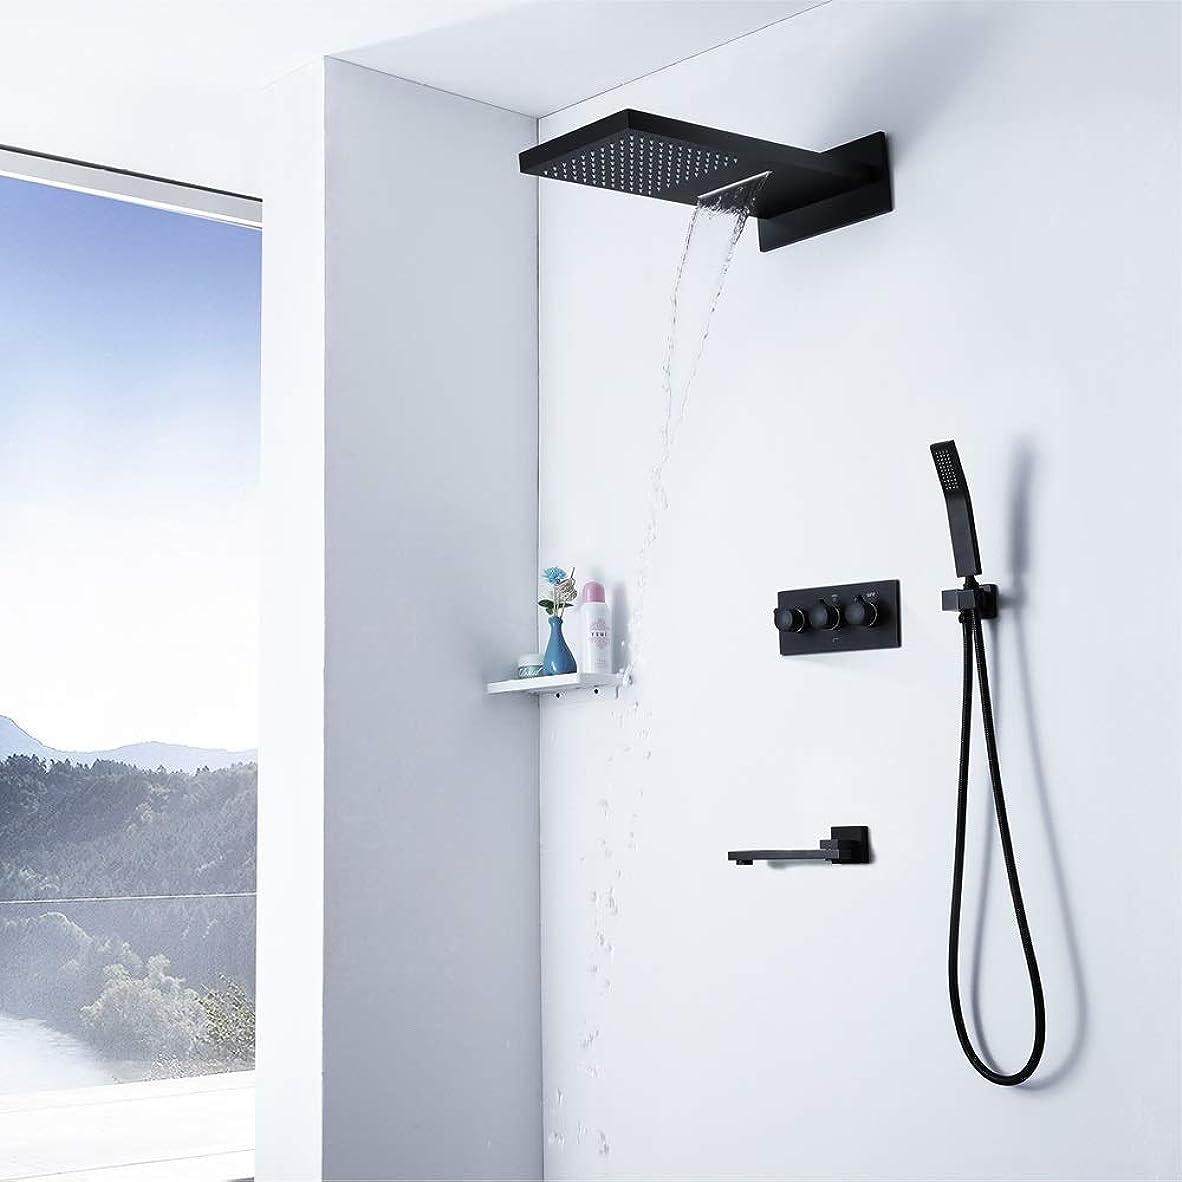 マラドロイト寄付発揮するYadianna ルームシャワー隠さ銅シャワーすべての銅アンダーウォーターセットシャワーヘッドは、実用的な美しい蛇口シャワーウォールマウント